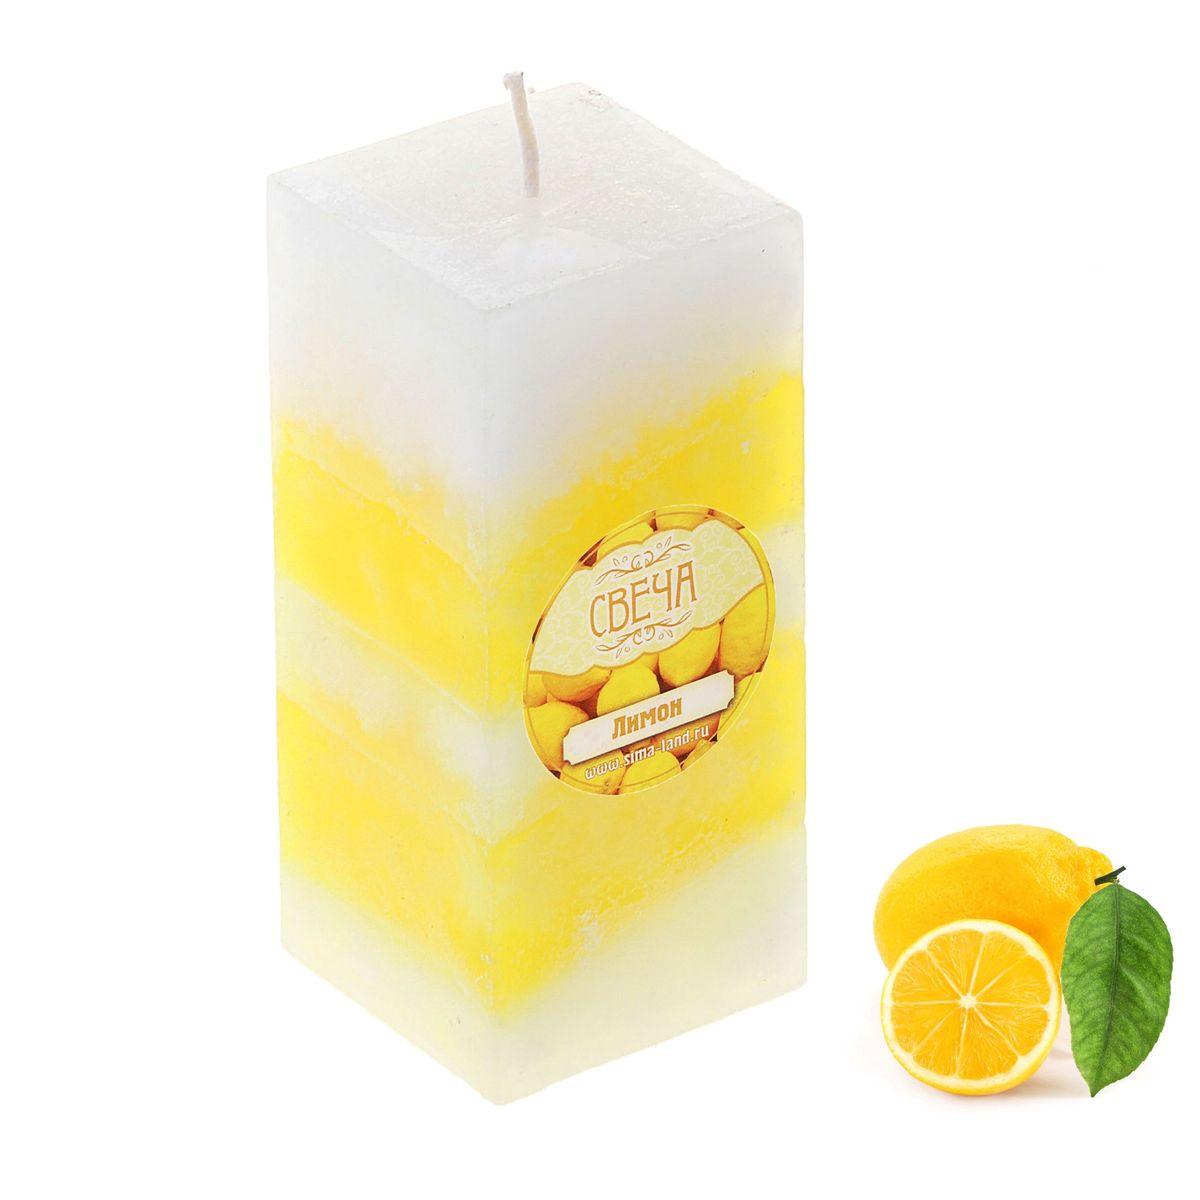 Свеча ароматизированная Sima-land Лимон, высота 10 см. 849633849633Свеча ароматизированная Sima-land Лимон выполнена из воска и оформлена в виде столбика. Свеча отличается ярким дизайном и сочным ароматом лимон, который понравится как женщинам, так и мужчинам. Создайте для себя и своих близких не забываемую атмосферу праздника и уюта в доме. Свеча будет радовать свежим ароматом и раскрасит серые будни яркими красками.